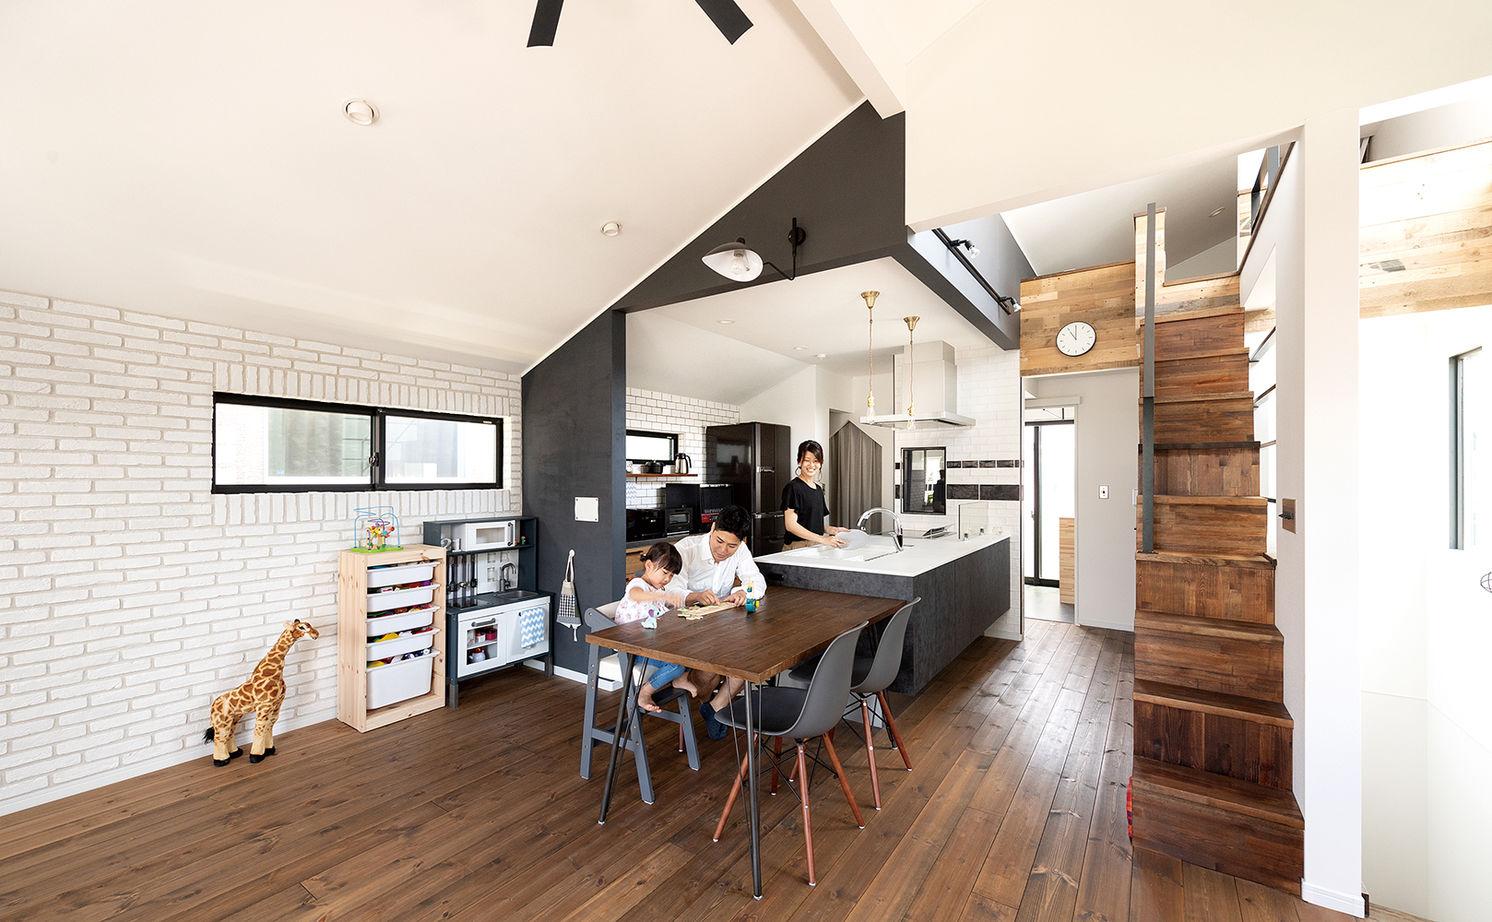 【2000~2500万円】古材や無垢材でアンティークな階段調の棚も造作。カフェみたいなリビングで暮らす家画像1